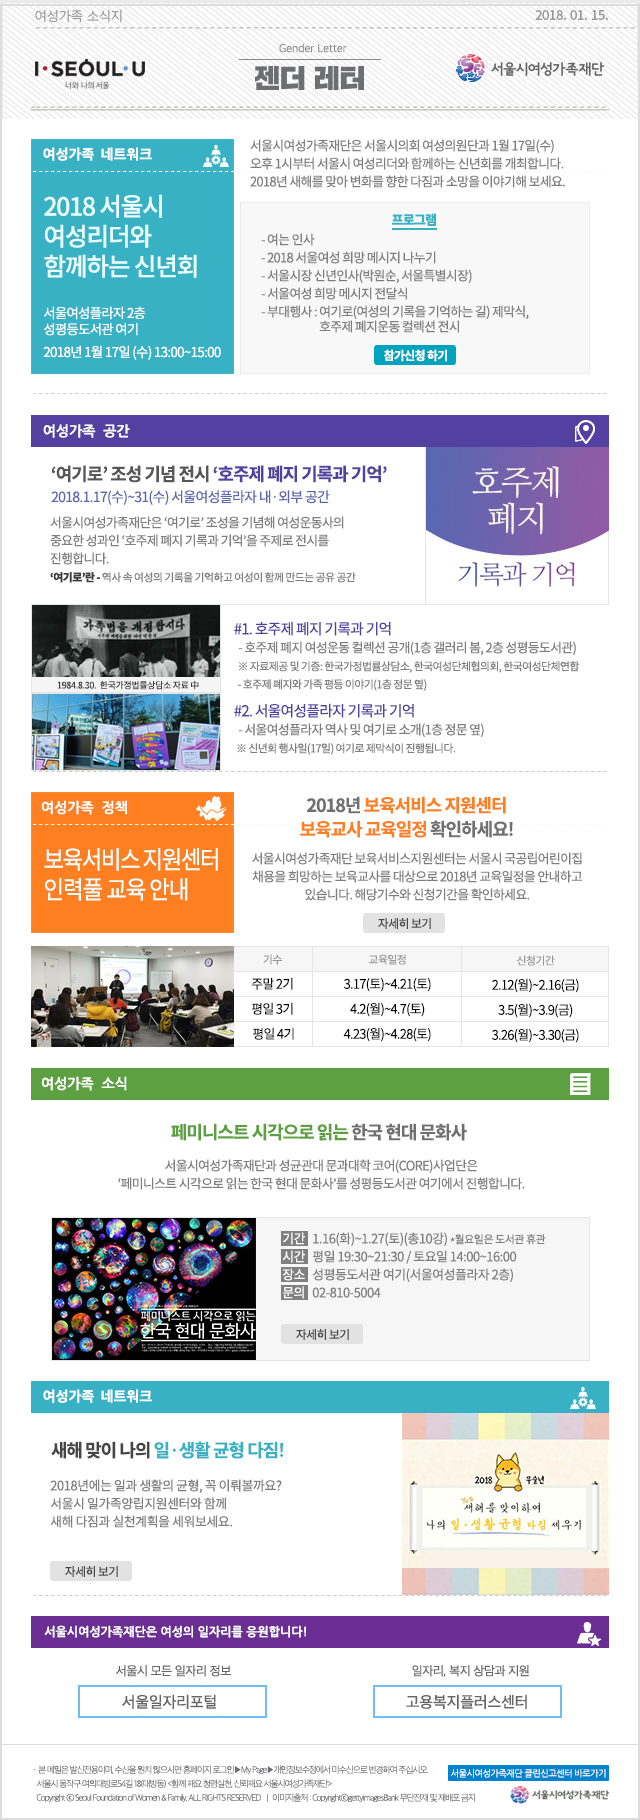 2018 서울시 여성리더와 함께하는 신년회